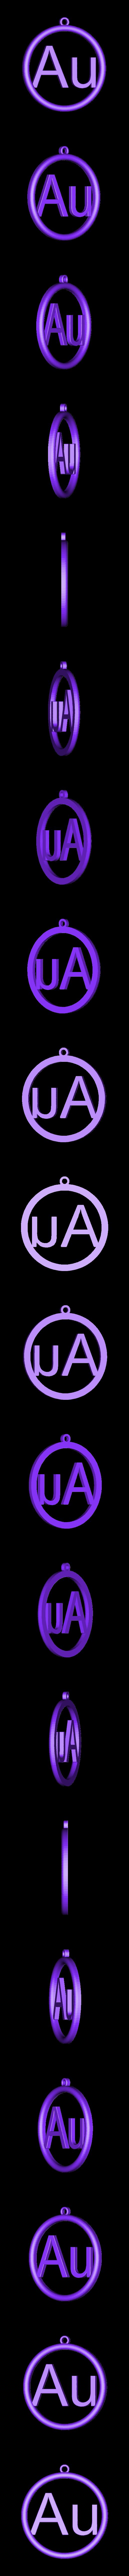 Aurum v0.stl Télécharger fichier STL gratuit Pendentif en or • Modèle pour imprimante 3D, Bukszpryt